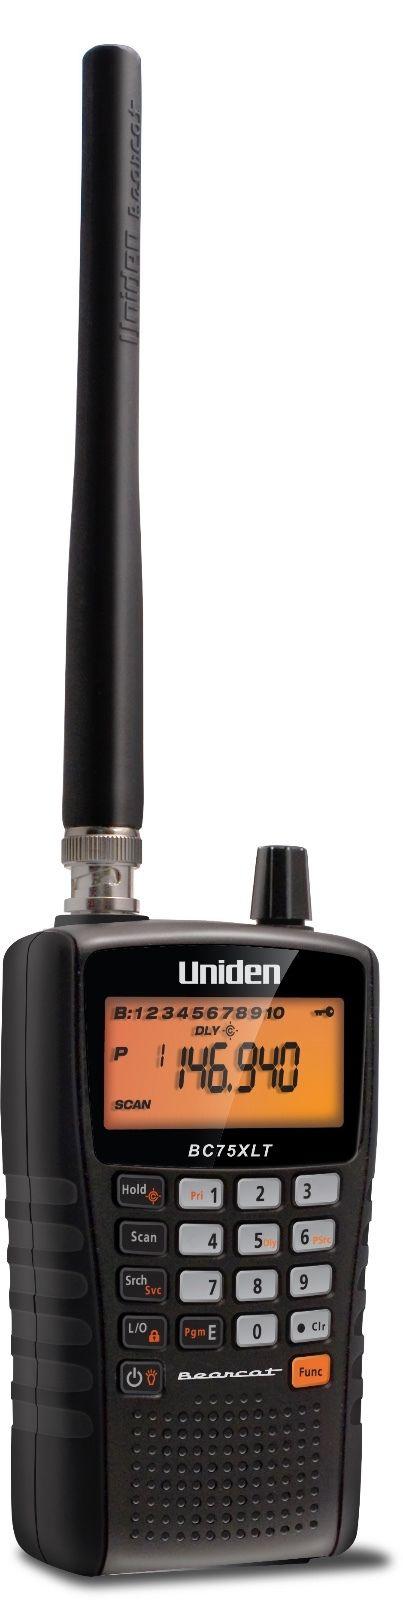 Uniden Bearcat BC75XLT VHF UHF Radio Scanner